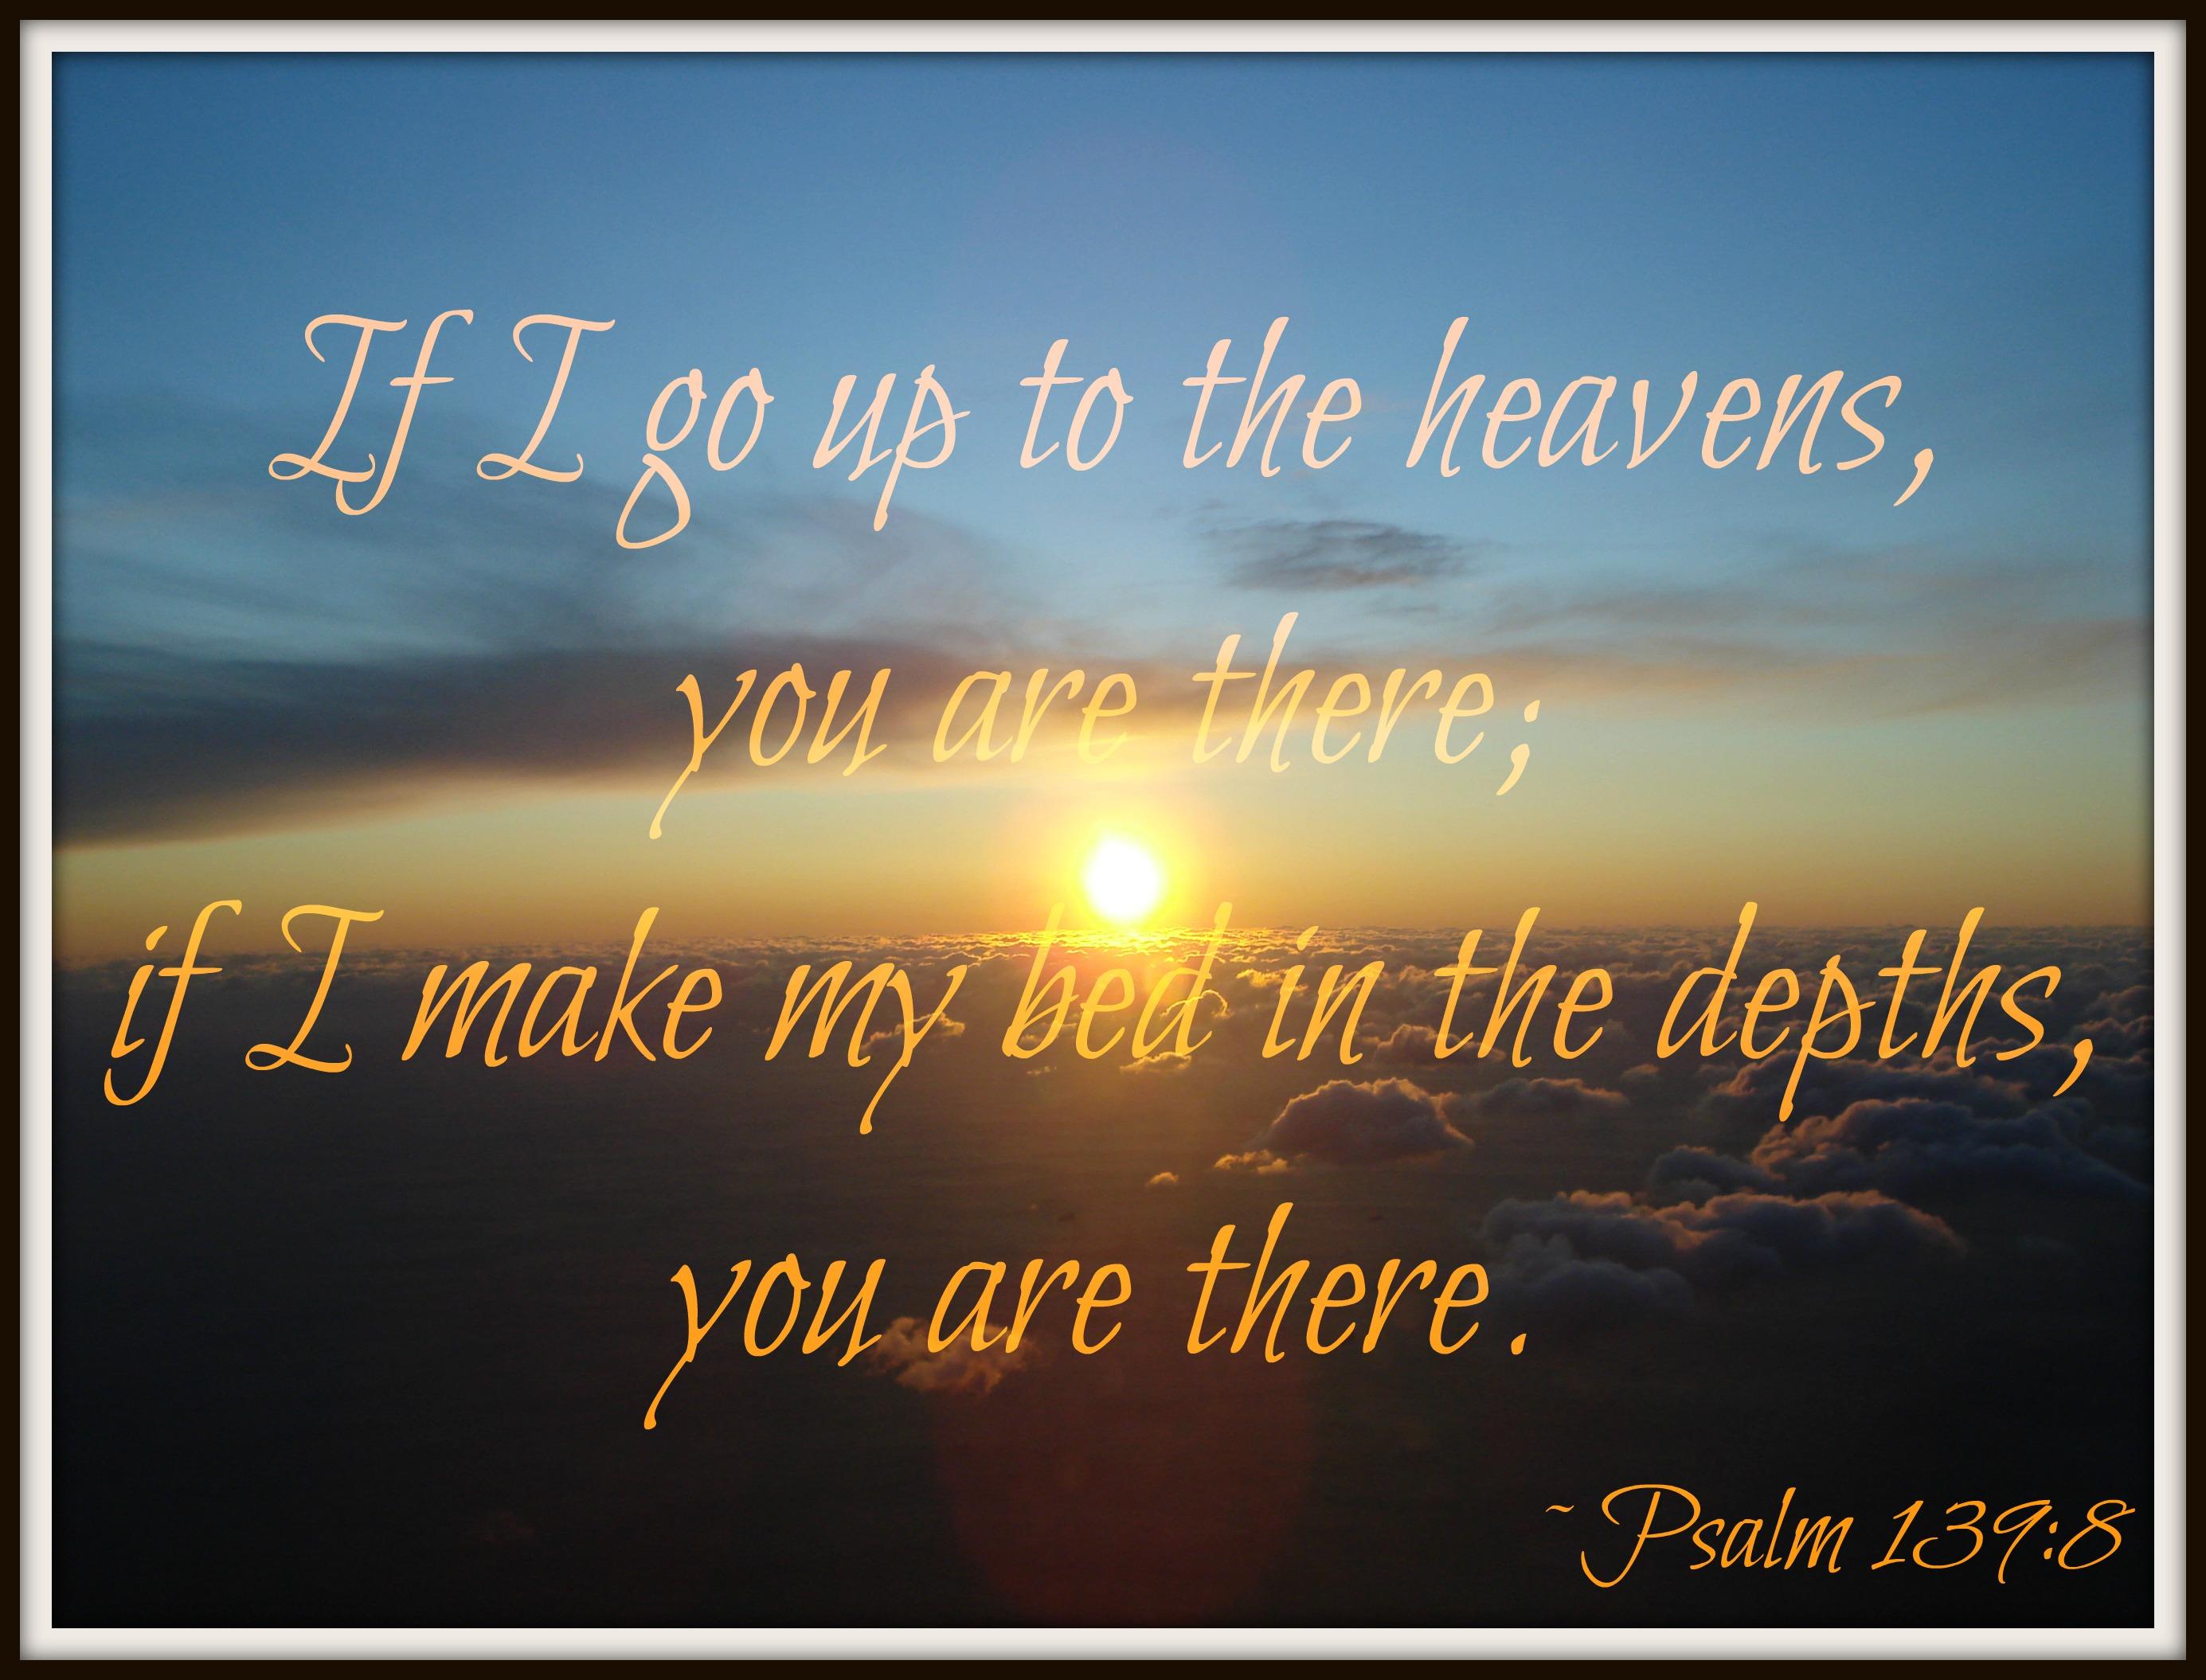 Psalms 139 reflection